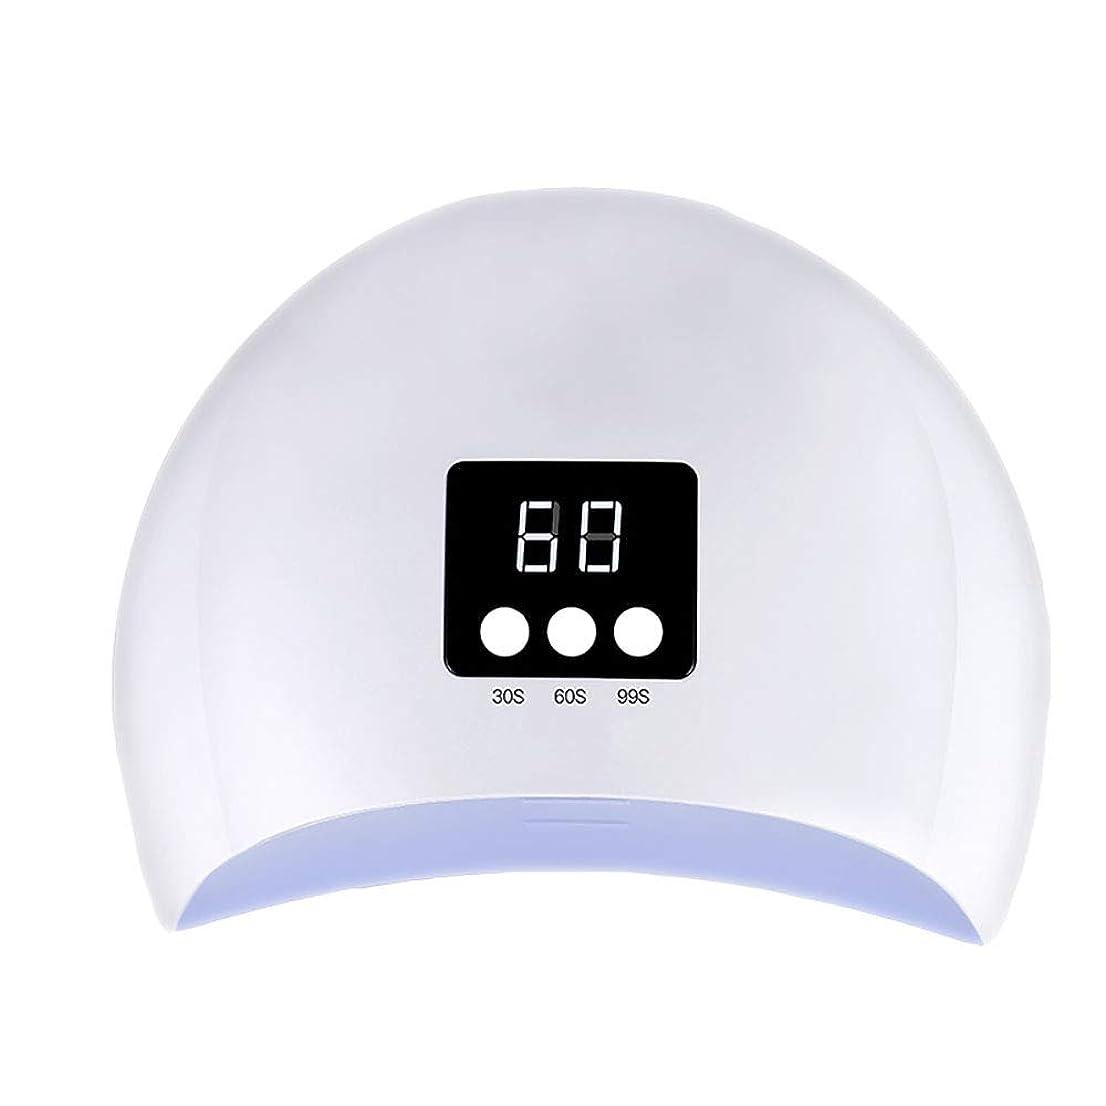 検索エンジンマーケティングフォーカス相手釘のドライヤー - 自動赤外線センサー、二重光源のLEDランプのゲルのドライヤーのマニキュアが付いている紫外線携帯用LEDの釘ランプ